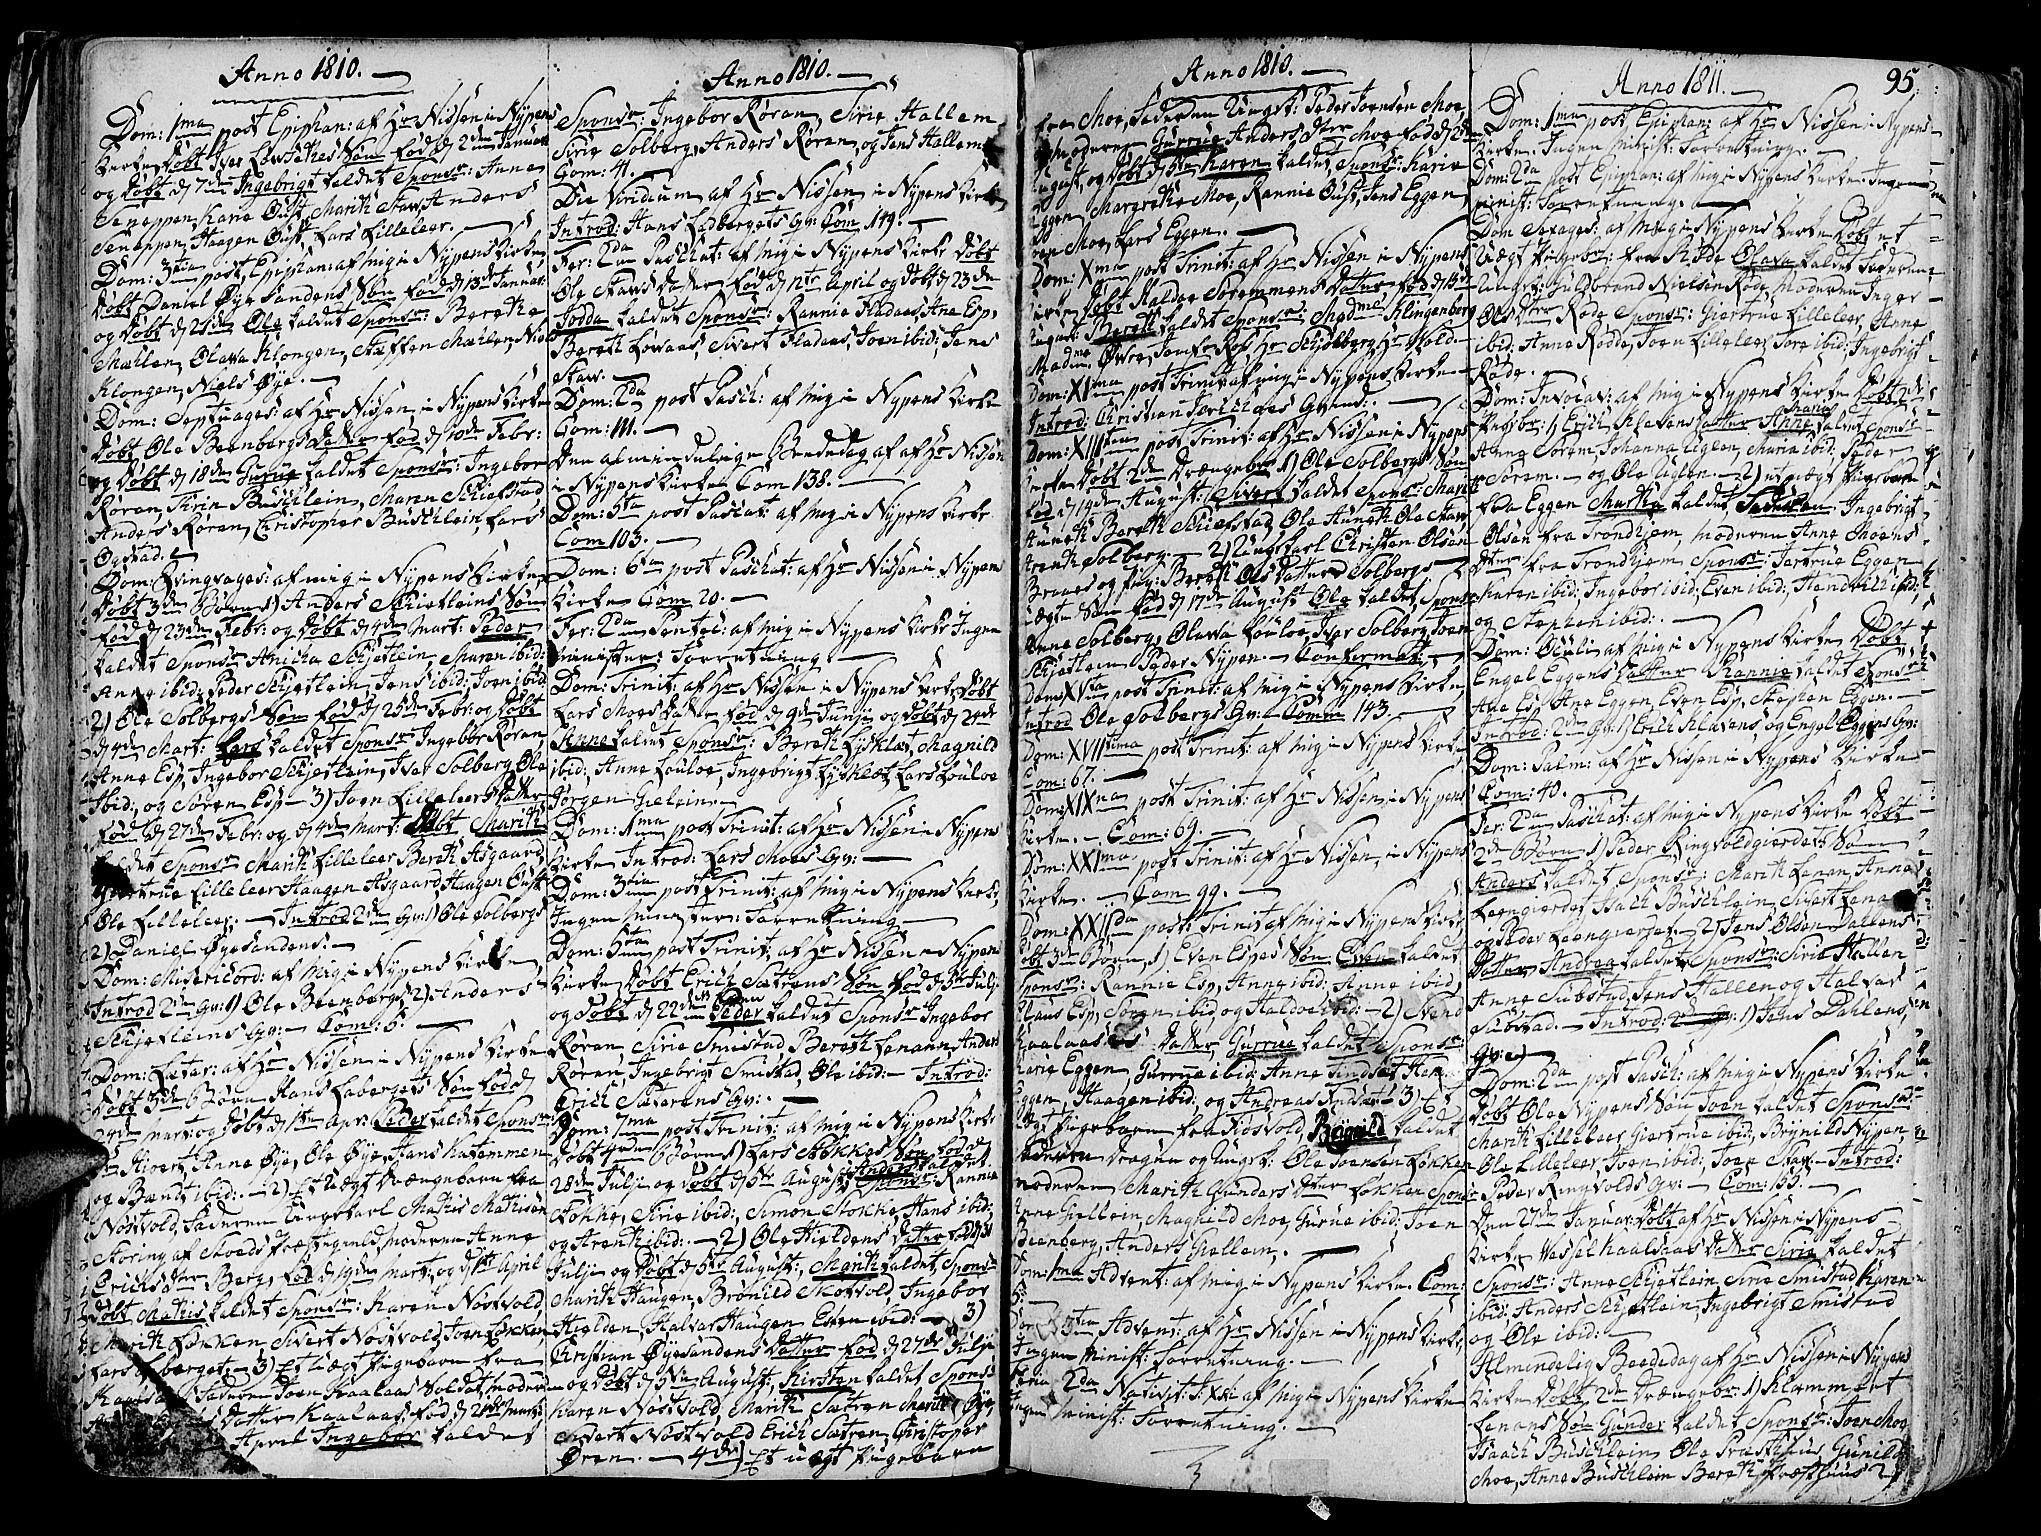 SAT, Ministerialprotokoller, klokkerbøker og fødselsregistre - Sør-Trøndelag, 691/L1063: Ministerialbok nr. 691A02 /3, 1768-1815, s. 95